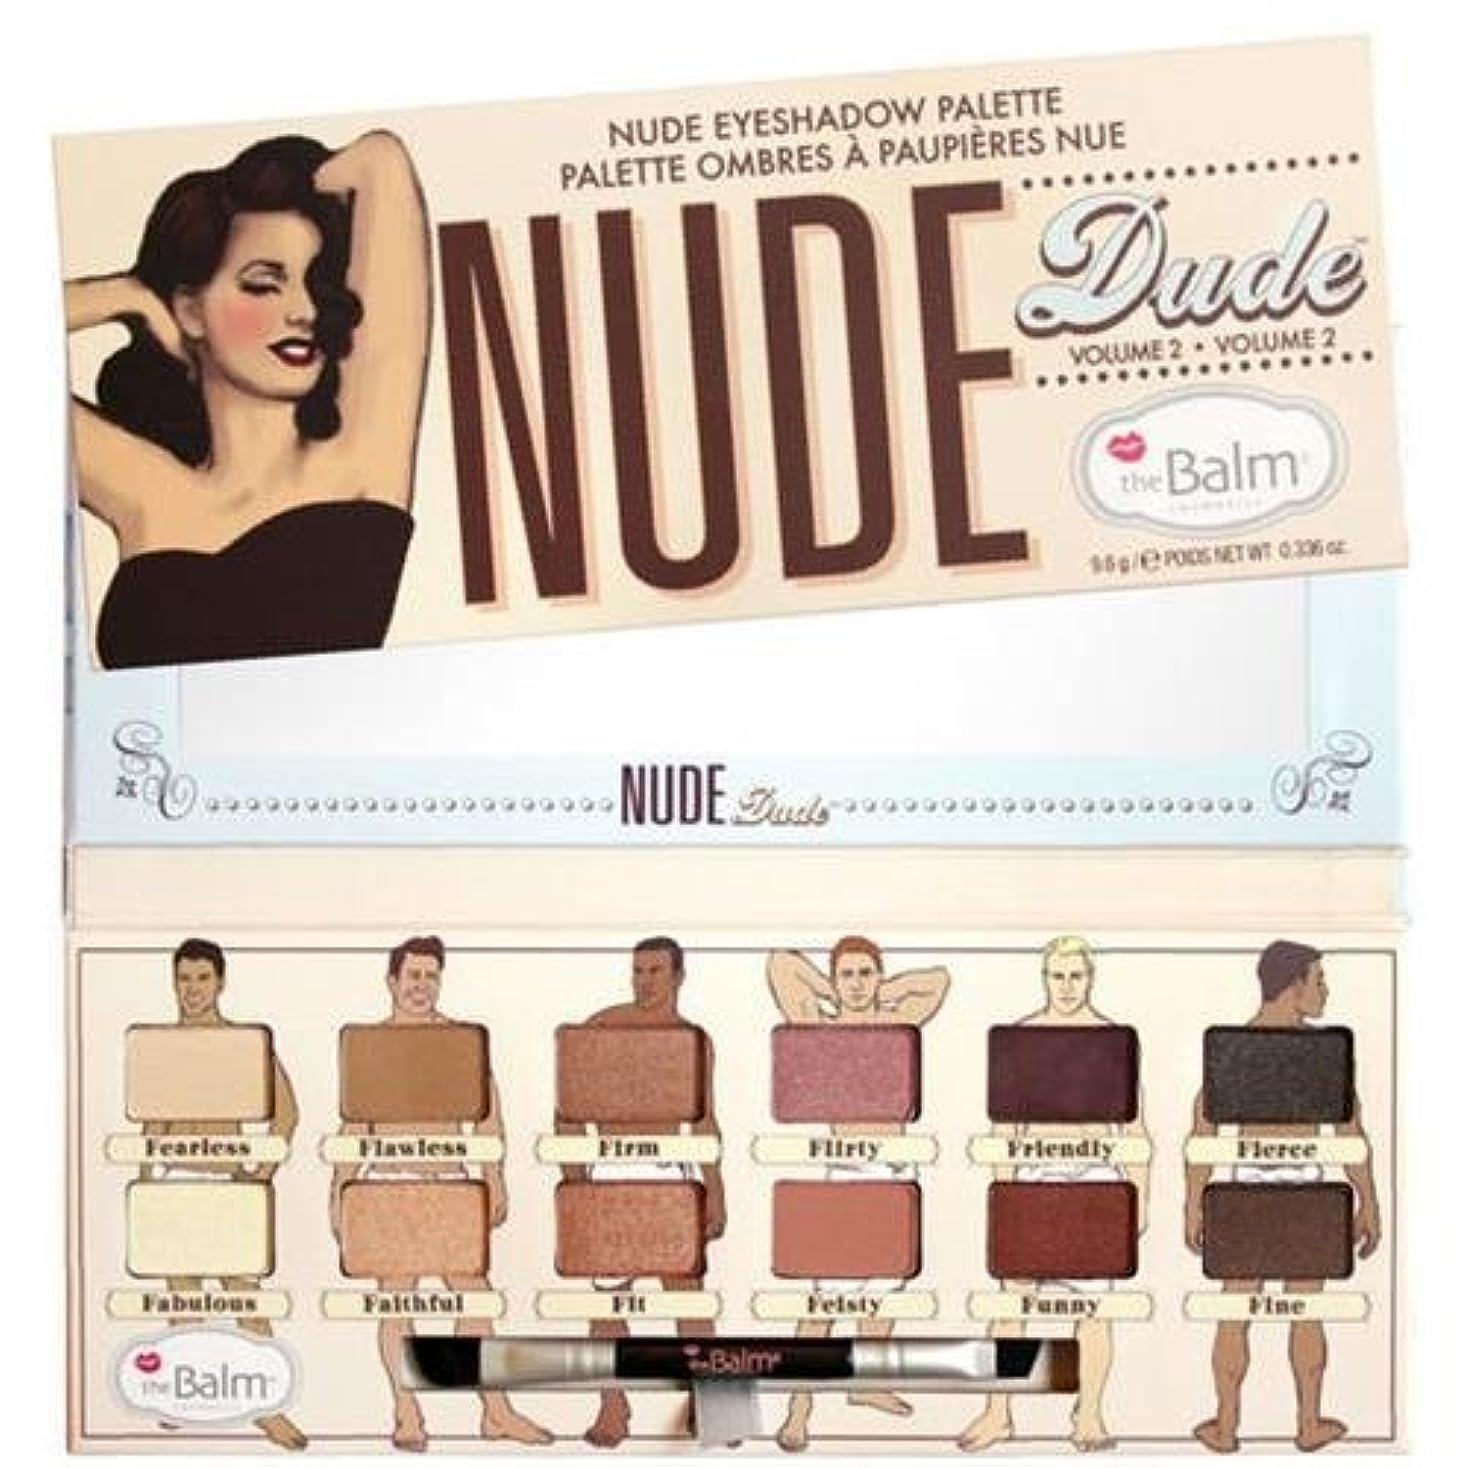 避ける修正直立Thebalm Nude Dude Nude Eyeshadow Palette (並行輸入品) [並行輸入品]